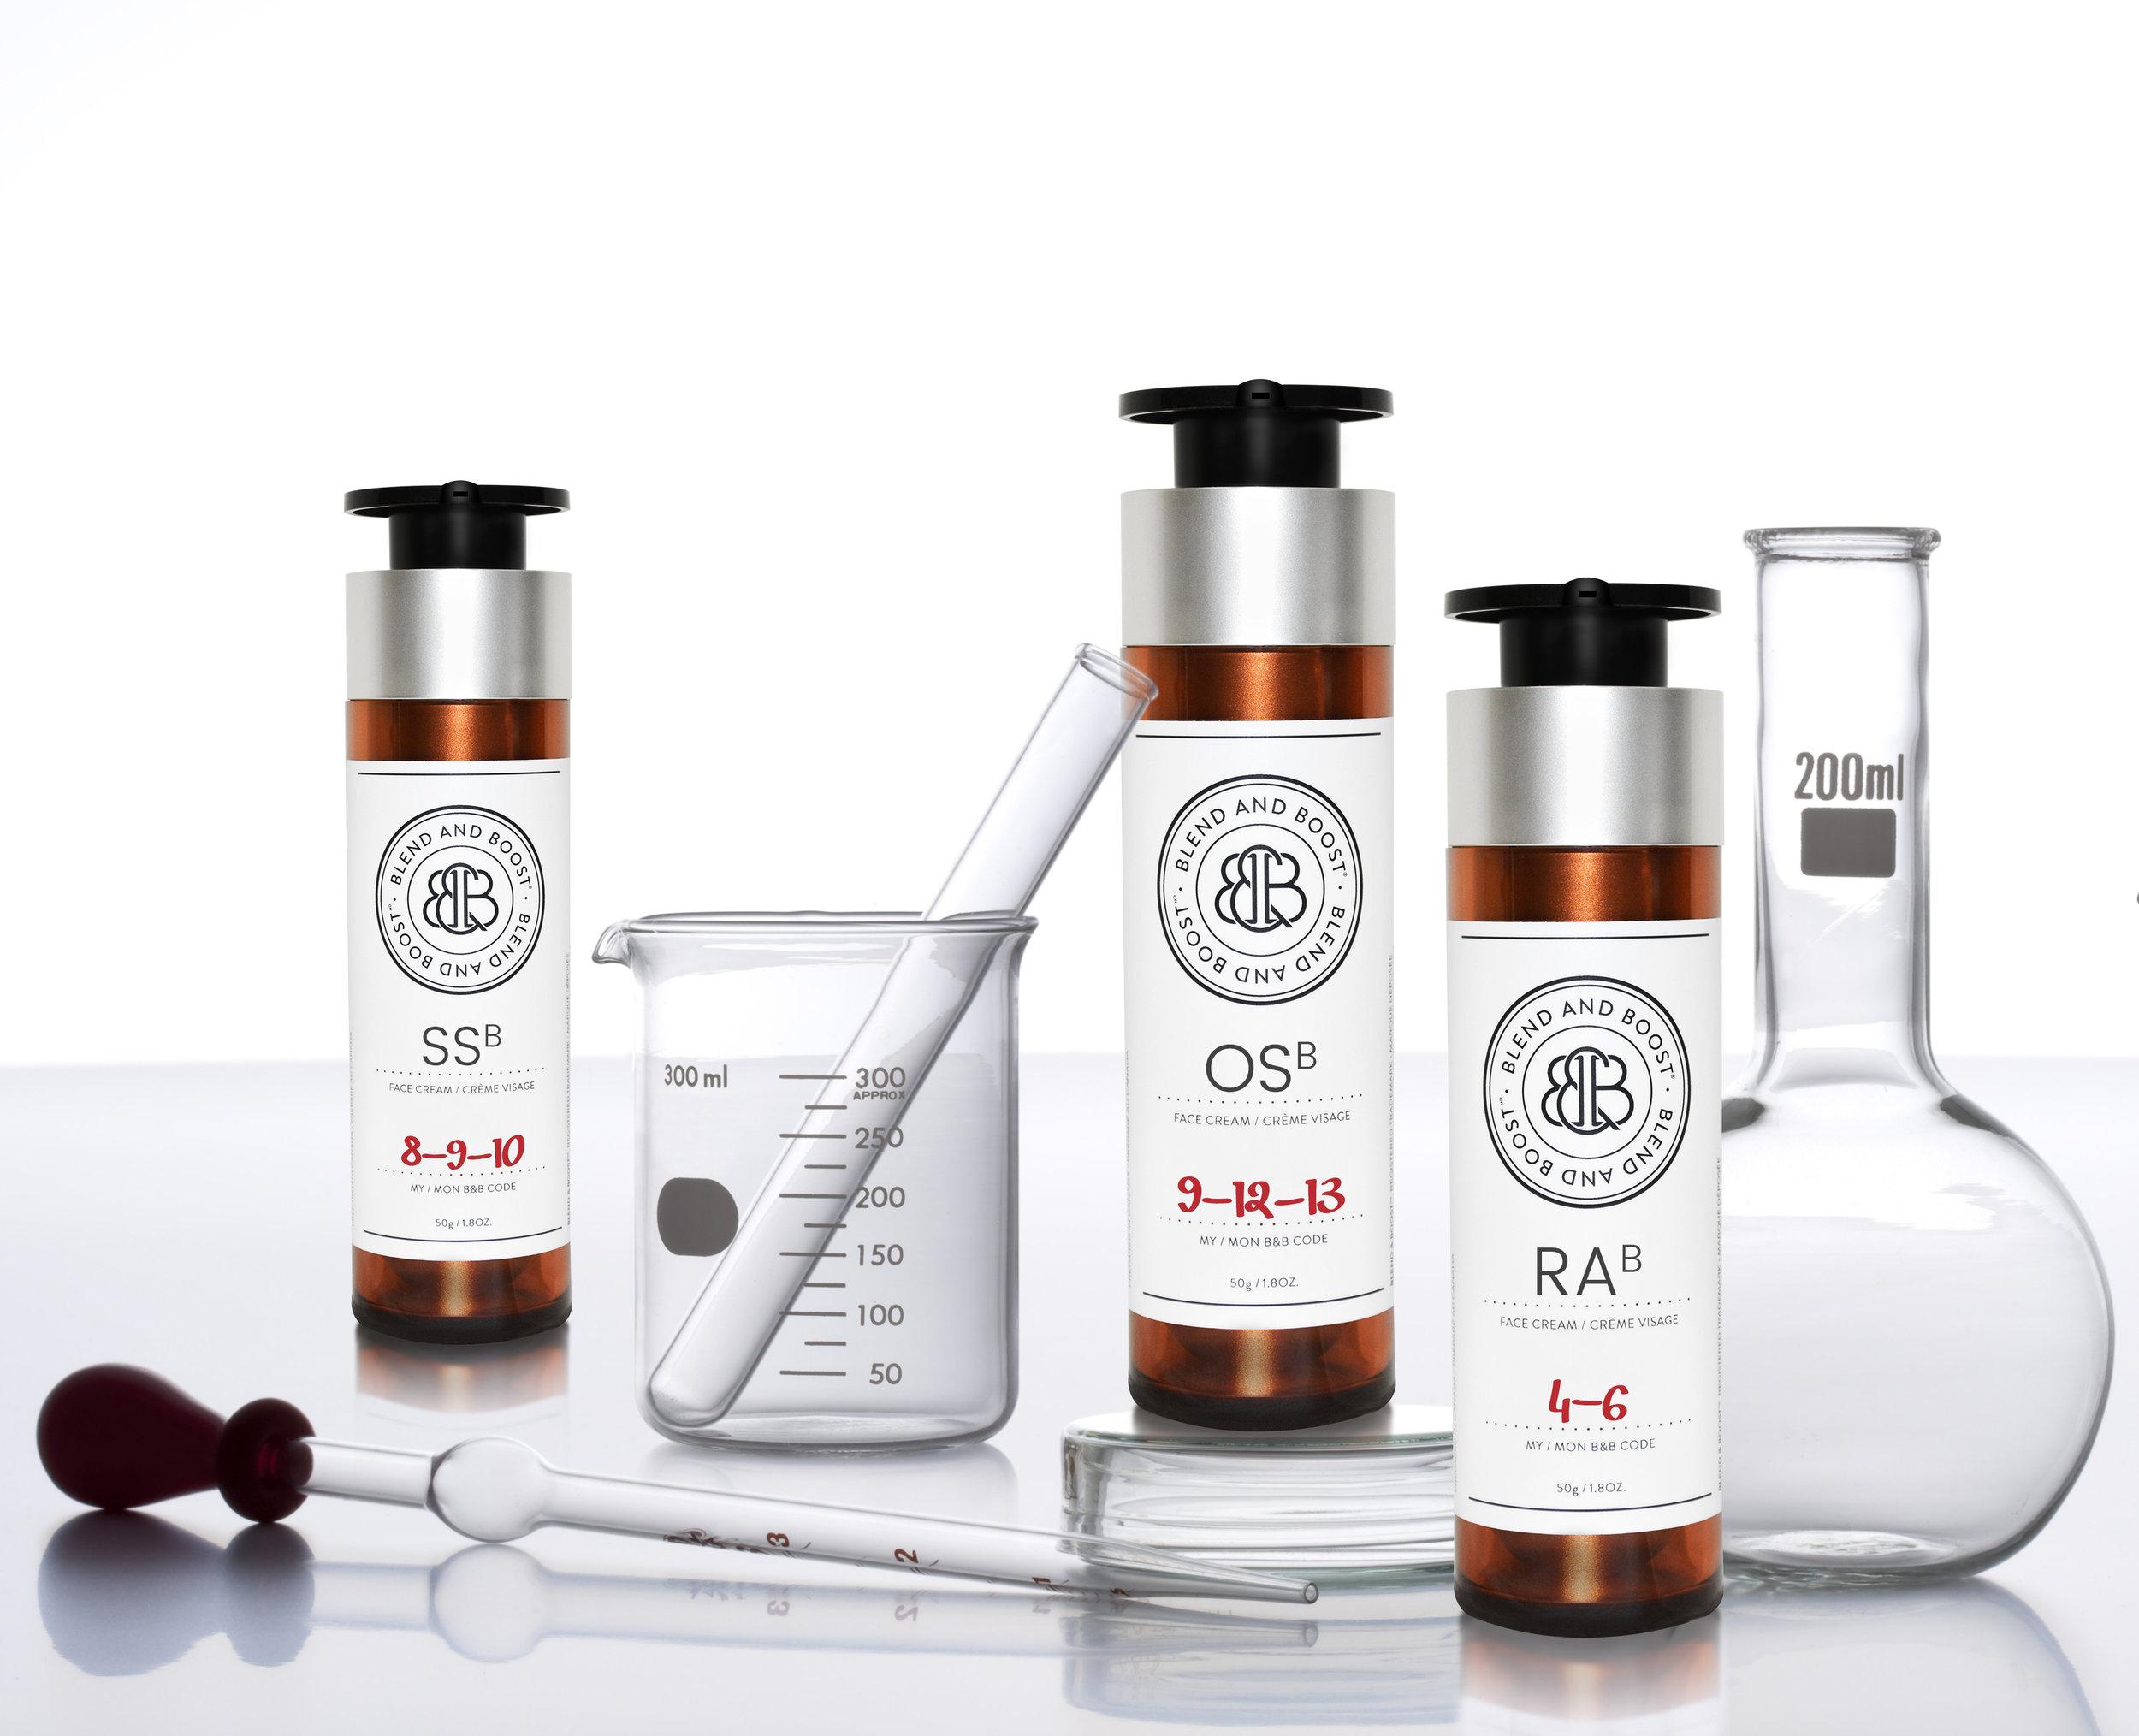 B&B - Solution Bottles & Beakers.jpg